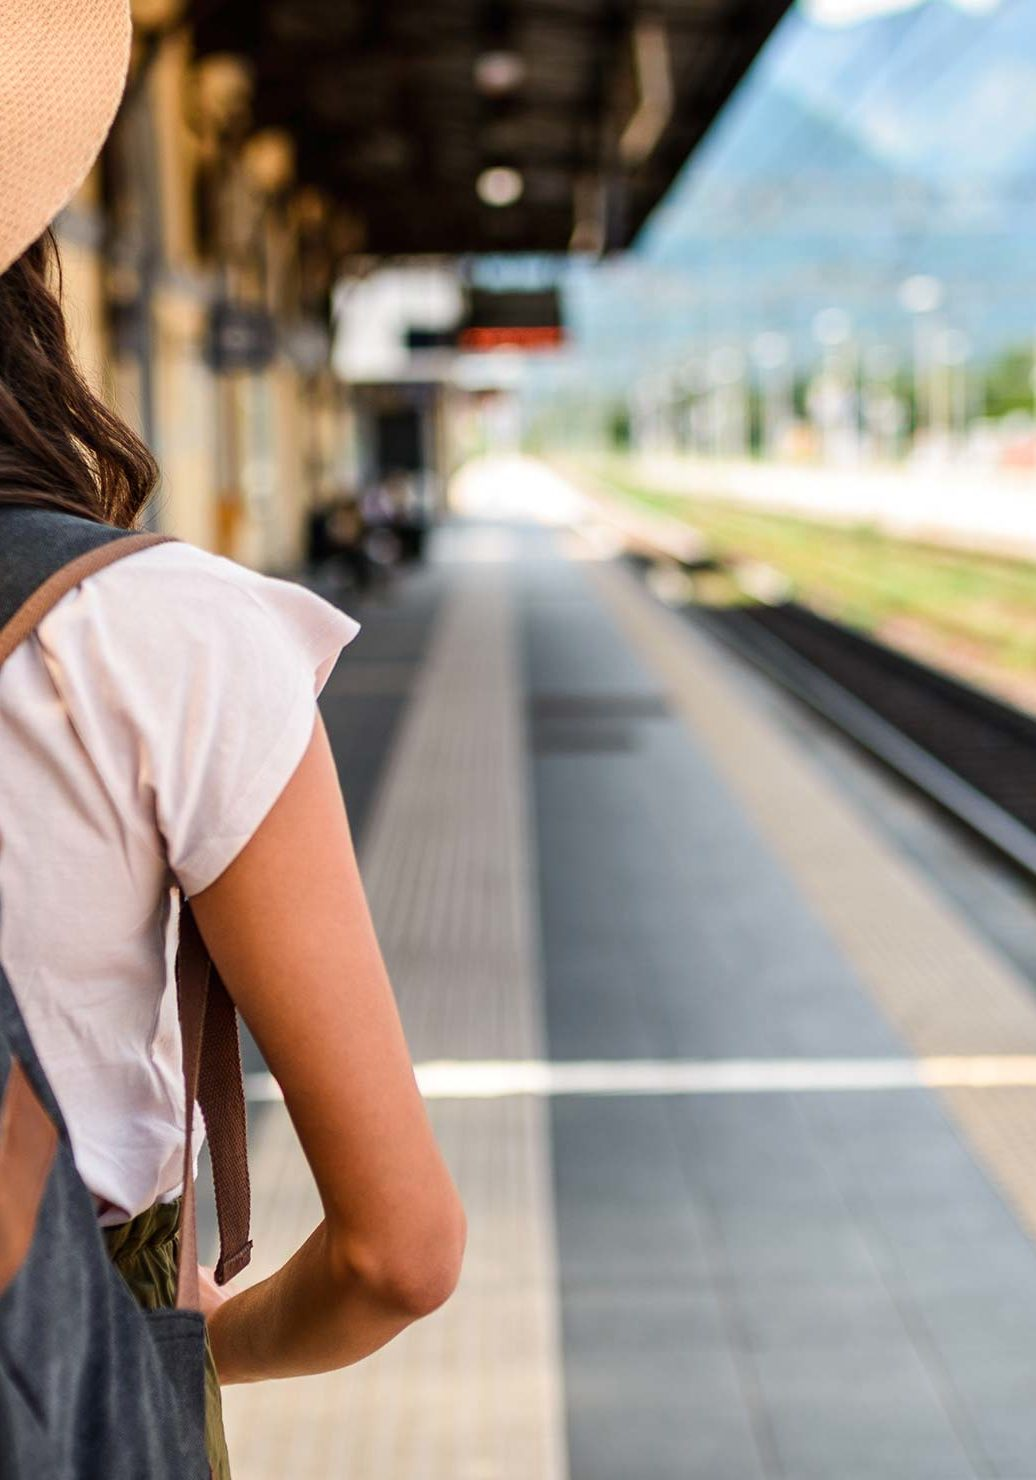 traveller_train_station_hero_2x